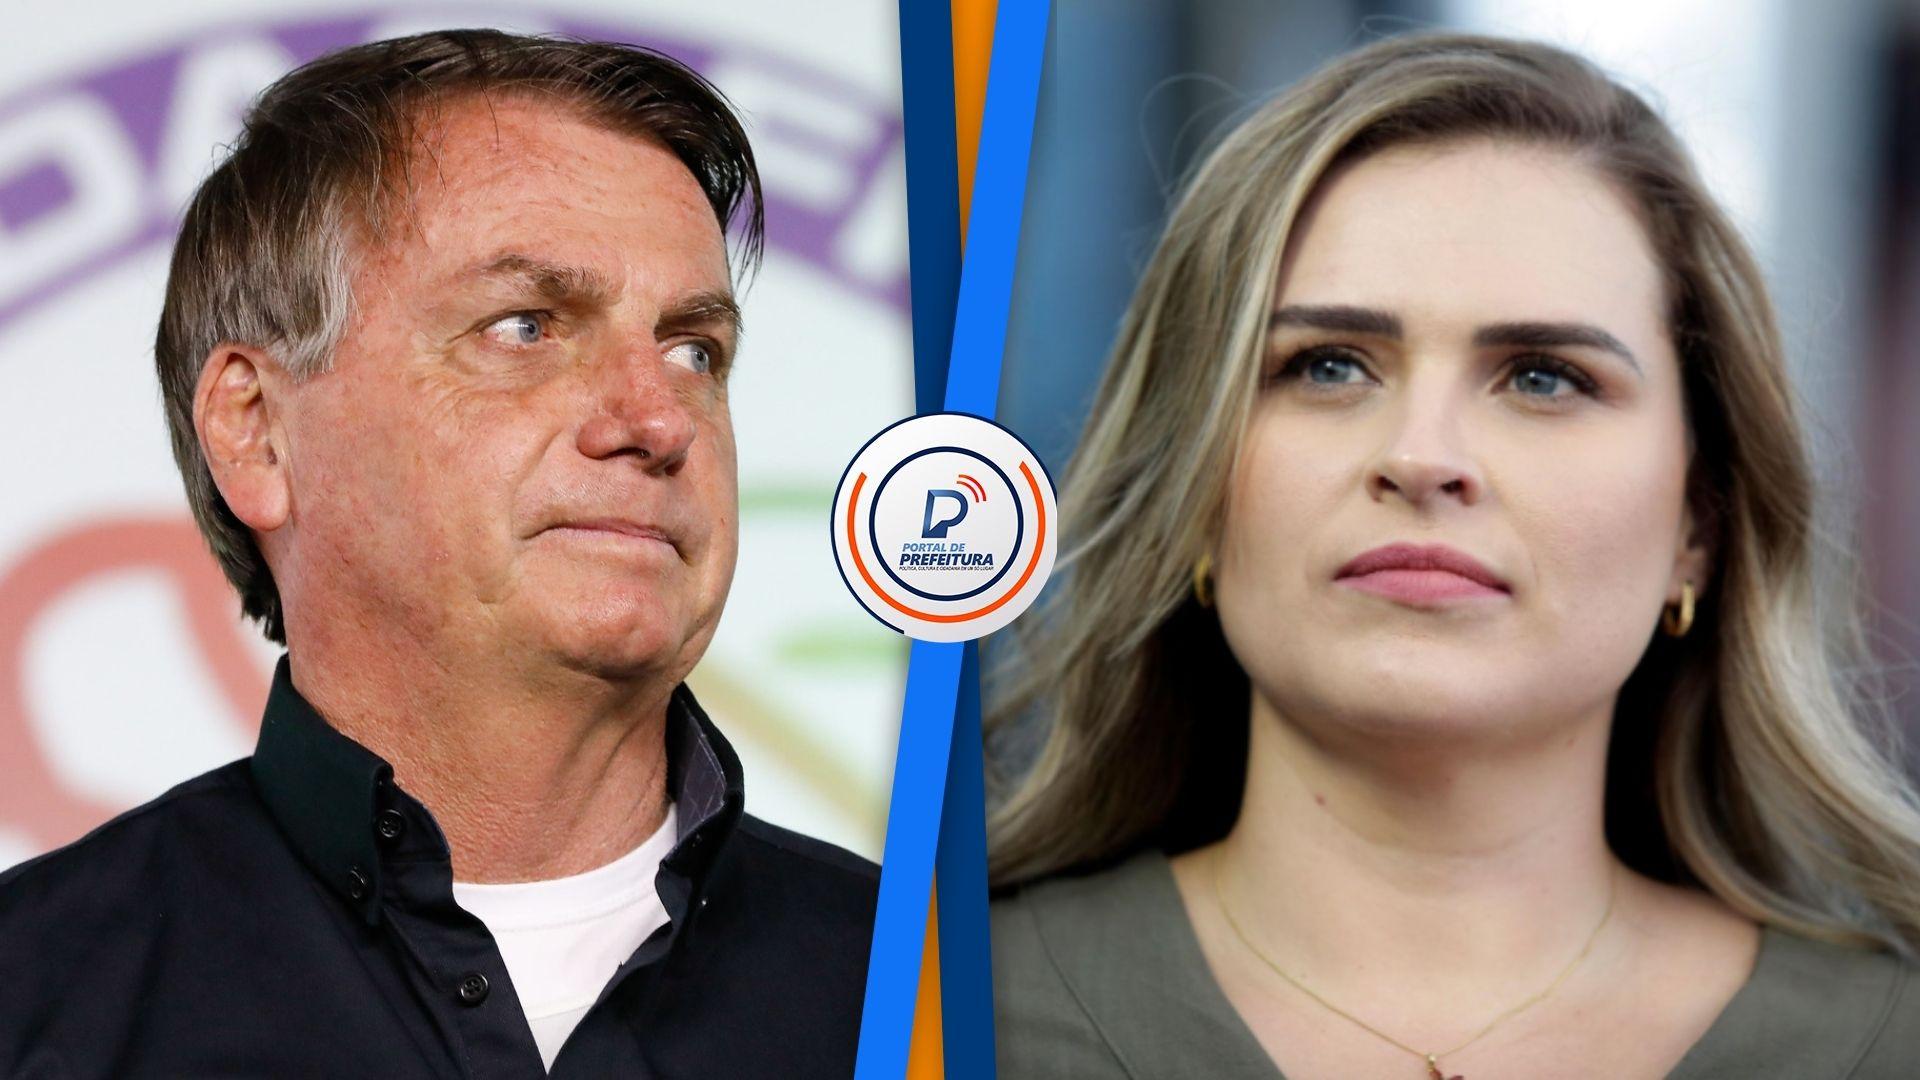 """""""Sou obrigado a vetar"""", diz Bolsonaro sobre distribuição de absorventes proposto por deputada Marília Arraes; presidente alega que o texto não informa a fonte do recurso"""